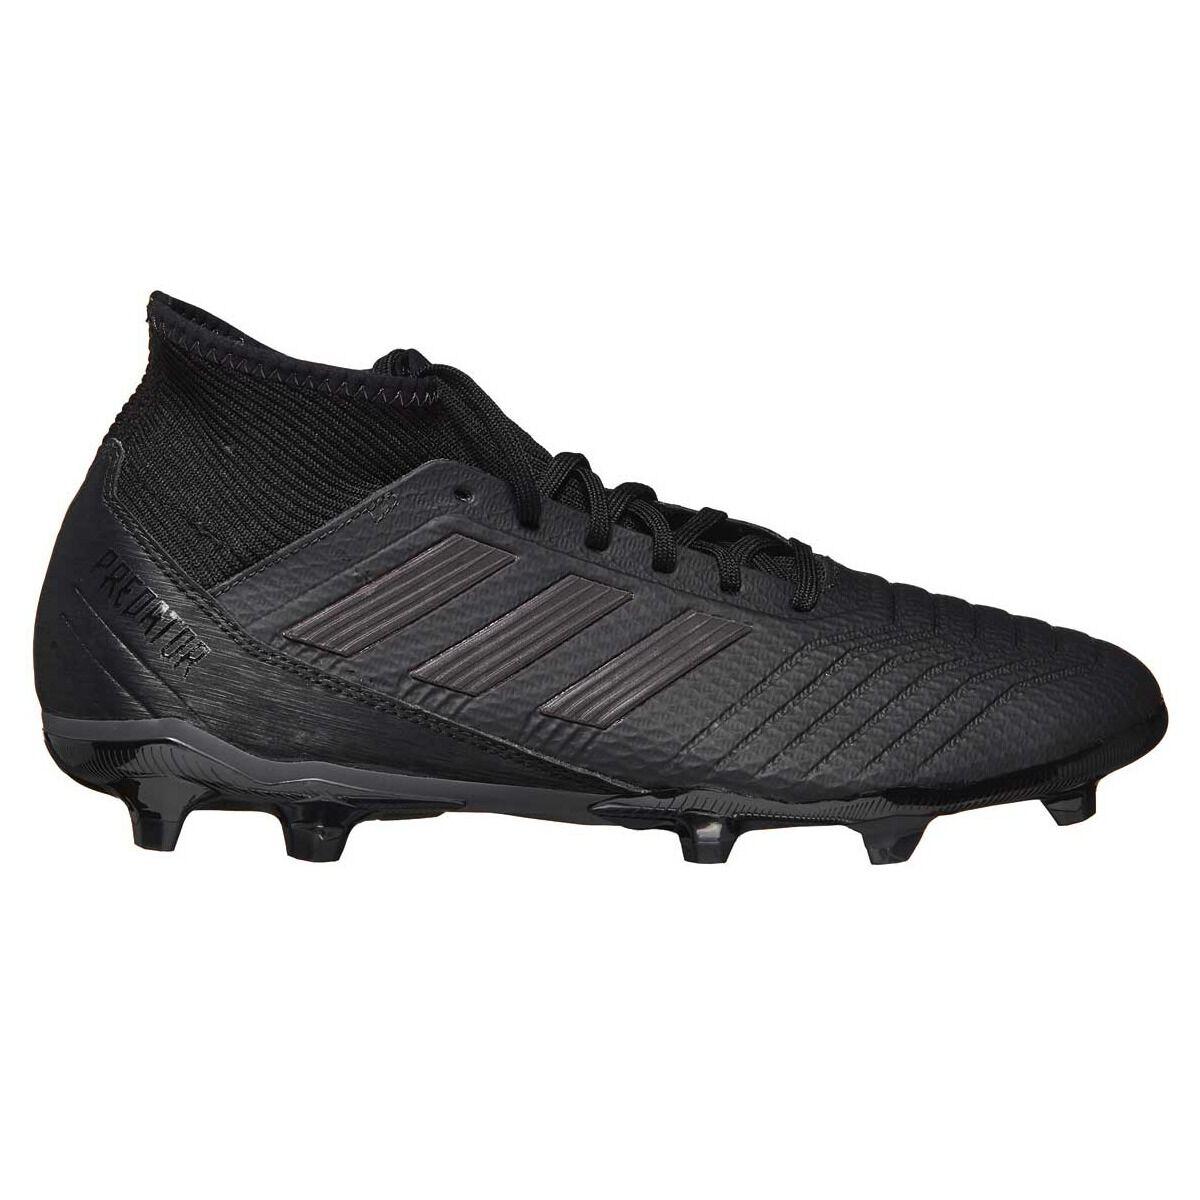 big sale aecb3 3dcc9 ... shopping adidas predator 18.3 mens football boots black us 9 adult  black rebelhi res d1844 9d833